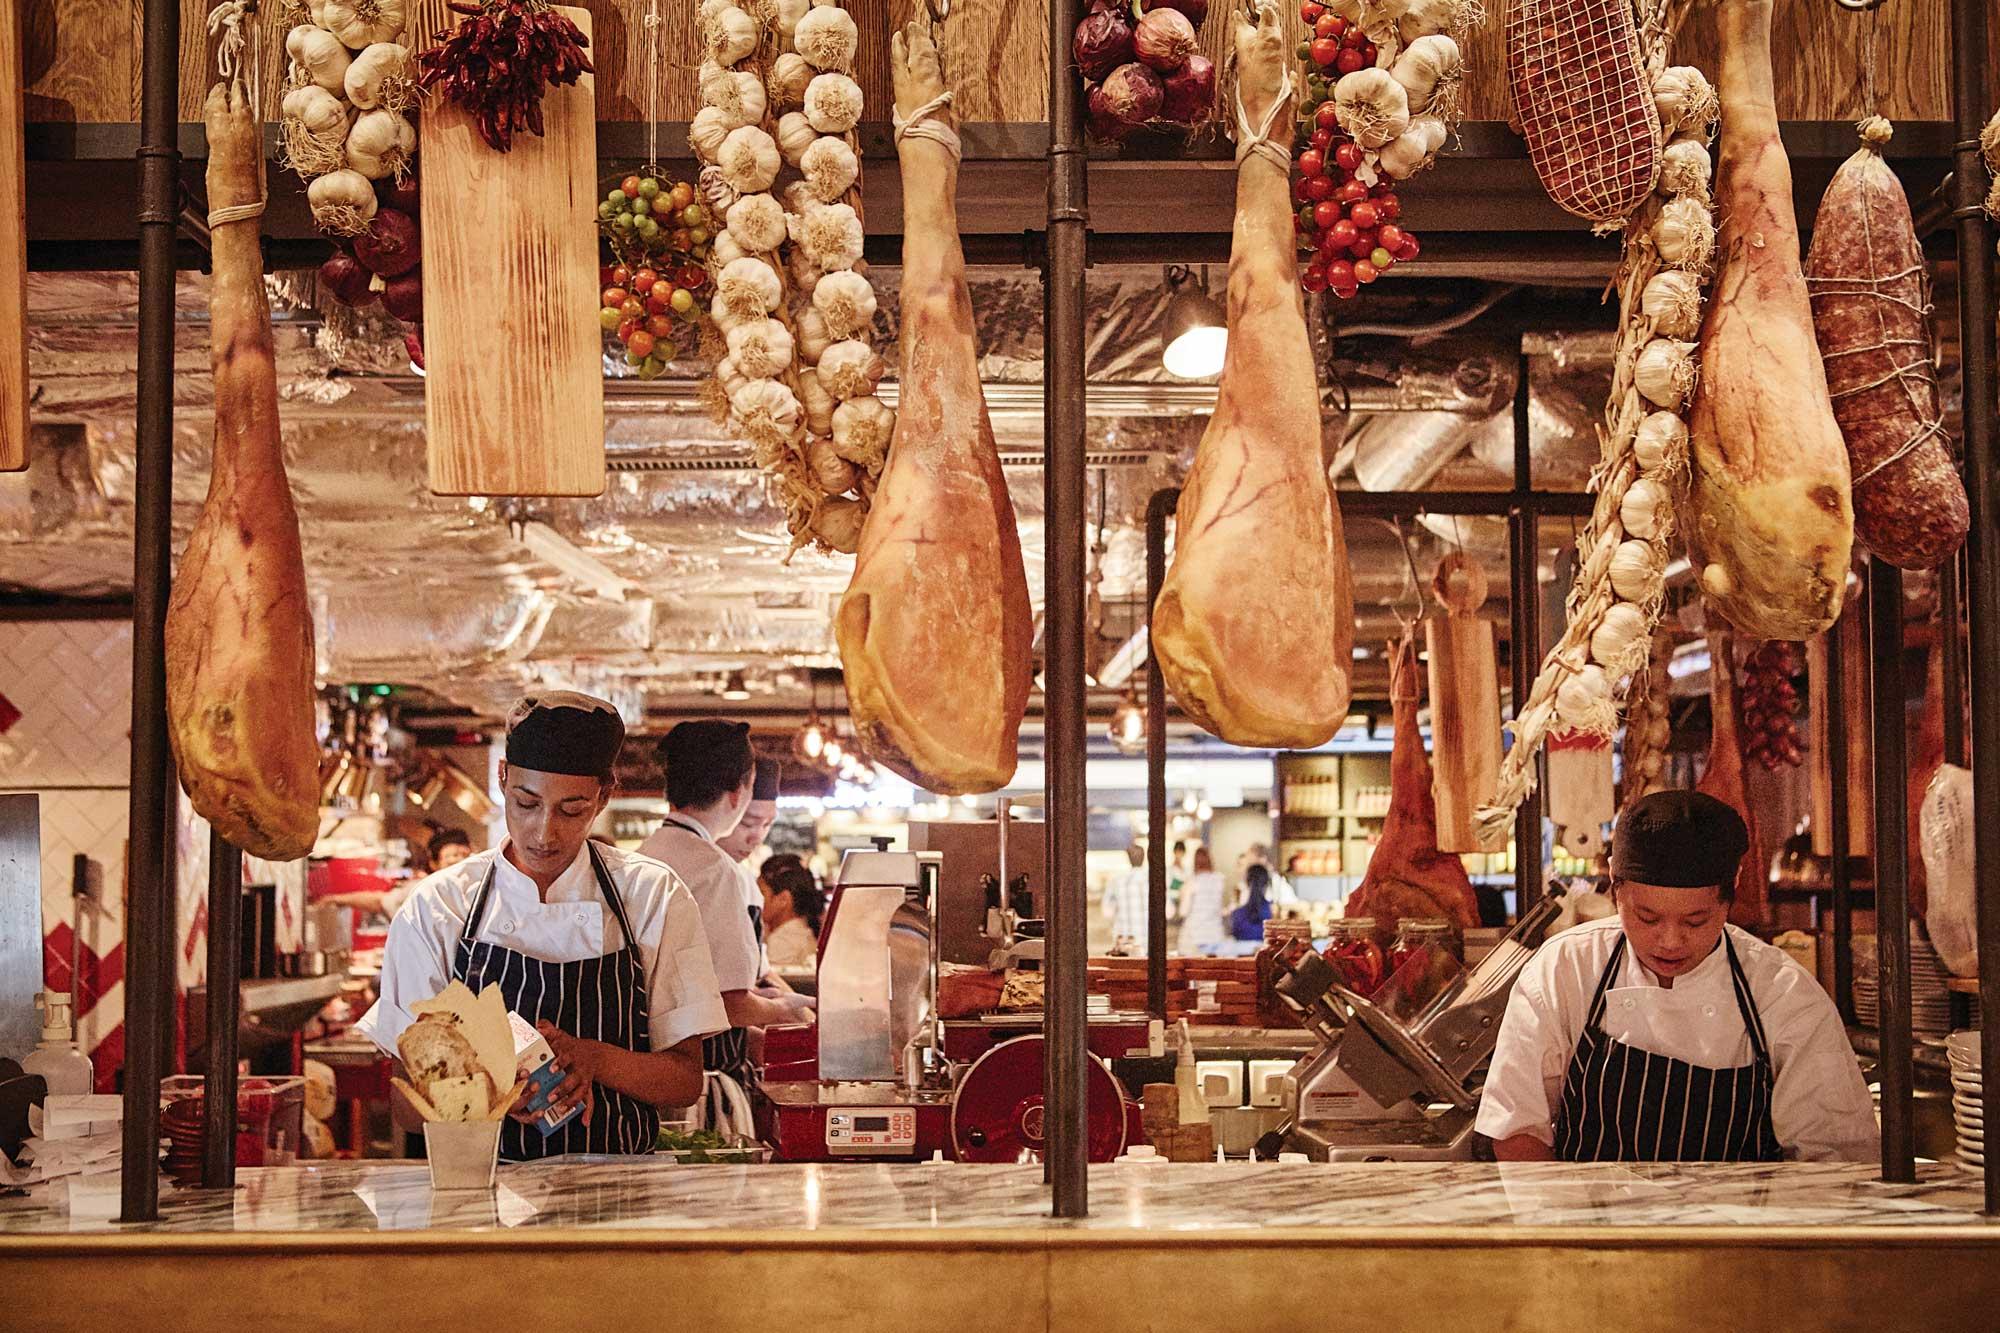 현지의 맛을 합리적인 가격으로 제이미 올리버의 음식을 맛볼수있는제이미스 이탈리안.